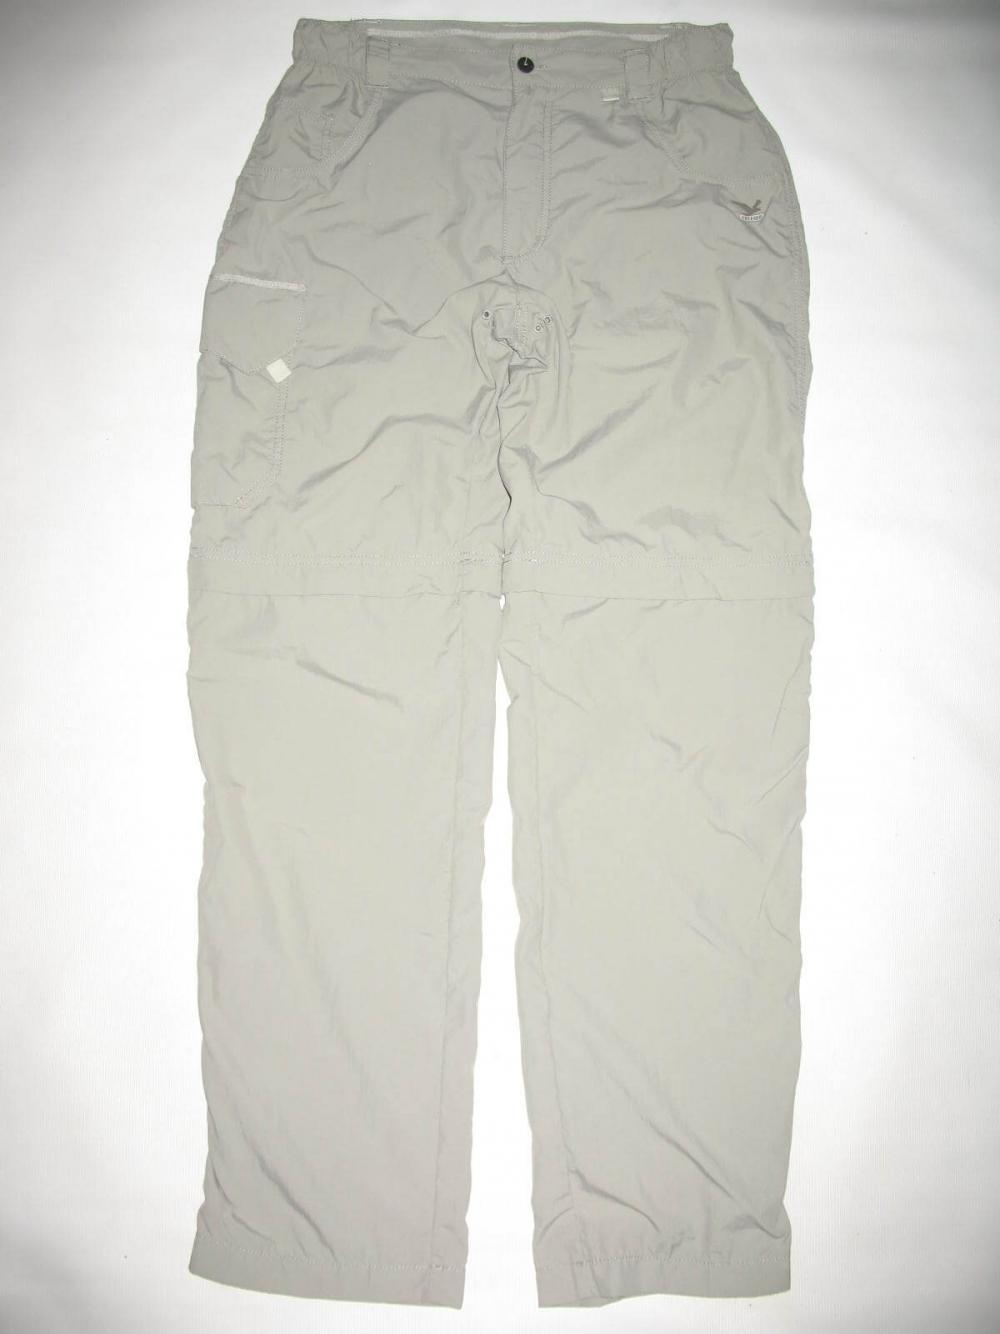 Штаны SALEWA newport dry 2in1 pants (размер 48/M) - 1